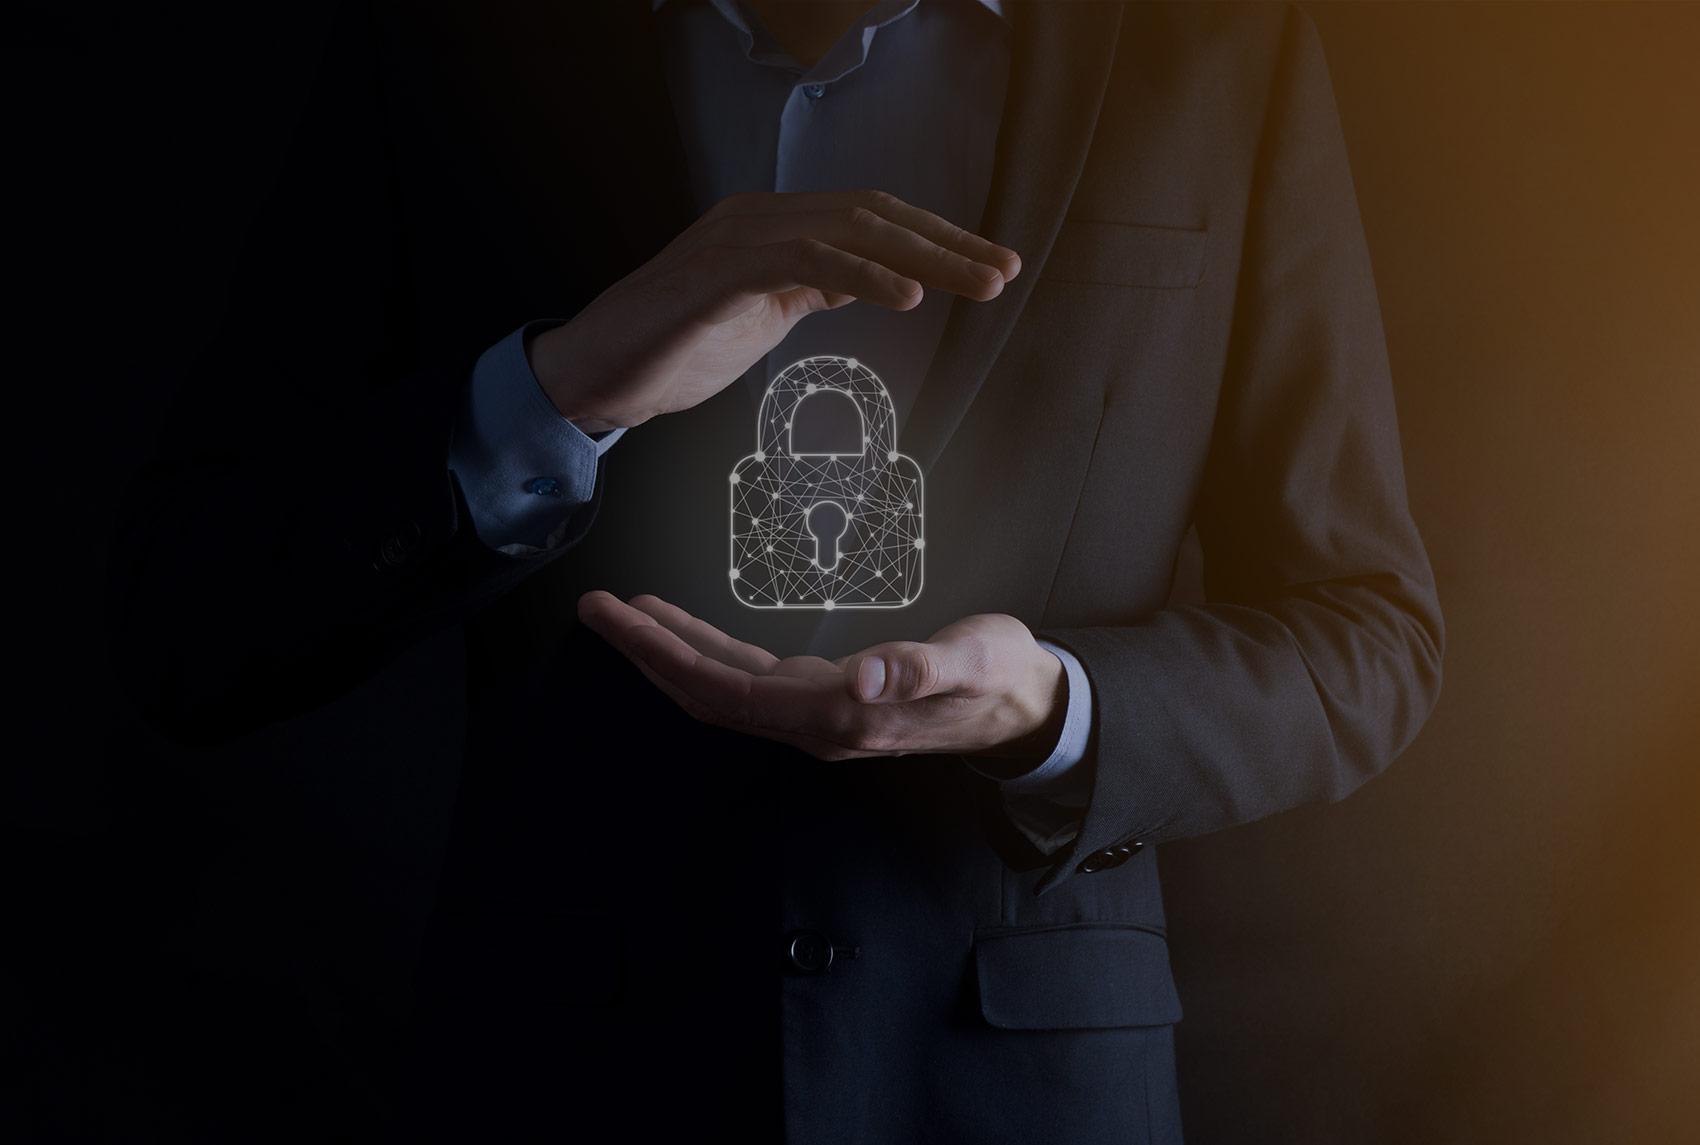 Nove standardne ugovorne klauzule za prijenos osobnih podataka izvan Europske unije